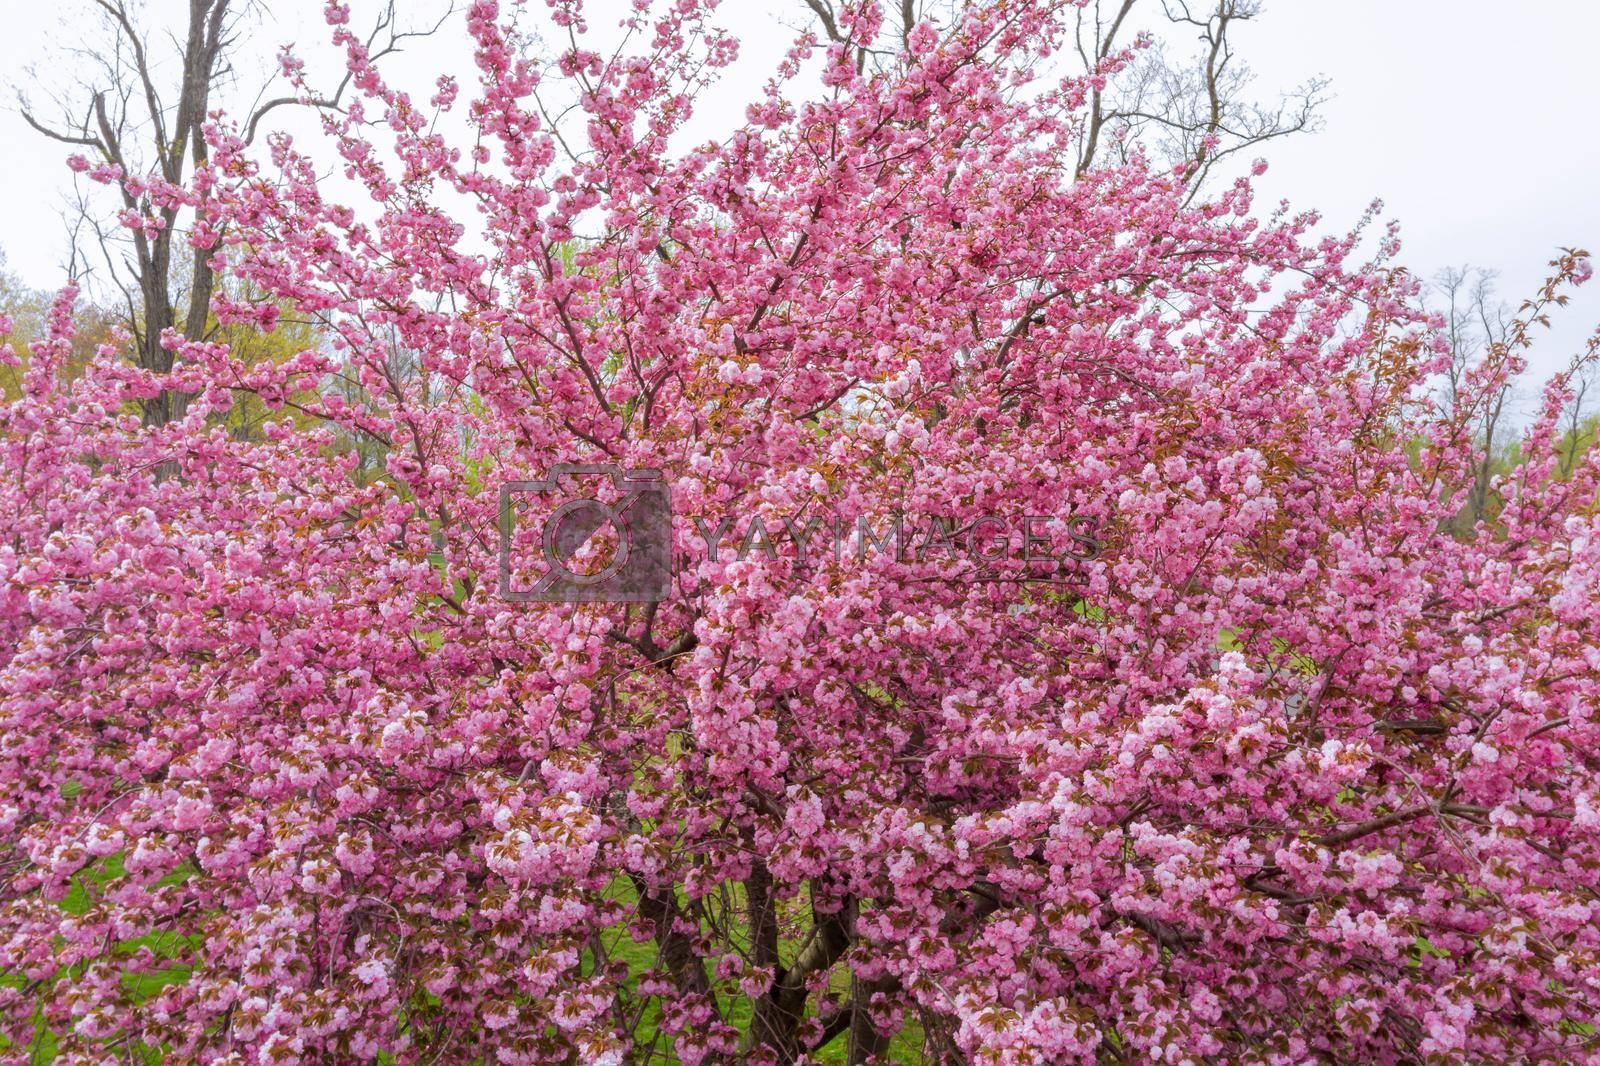 Sakura lovely Japan cherry blossom close up spring flower